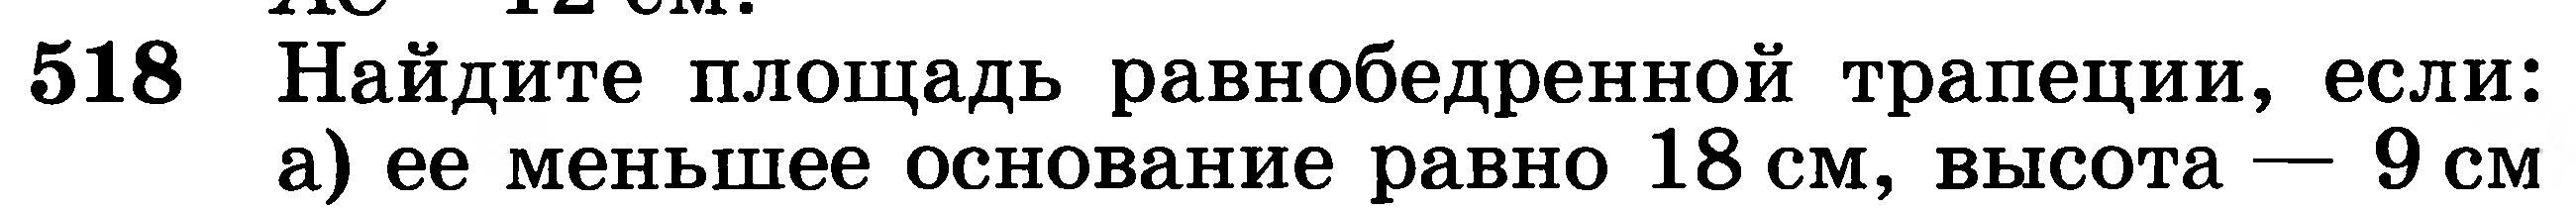 hello_html_m521b1fb5.png